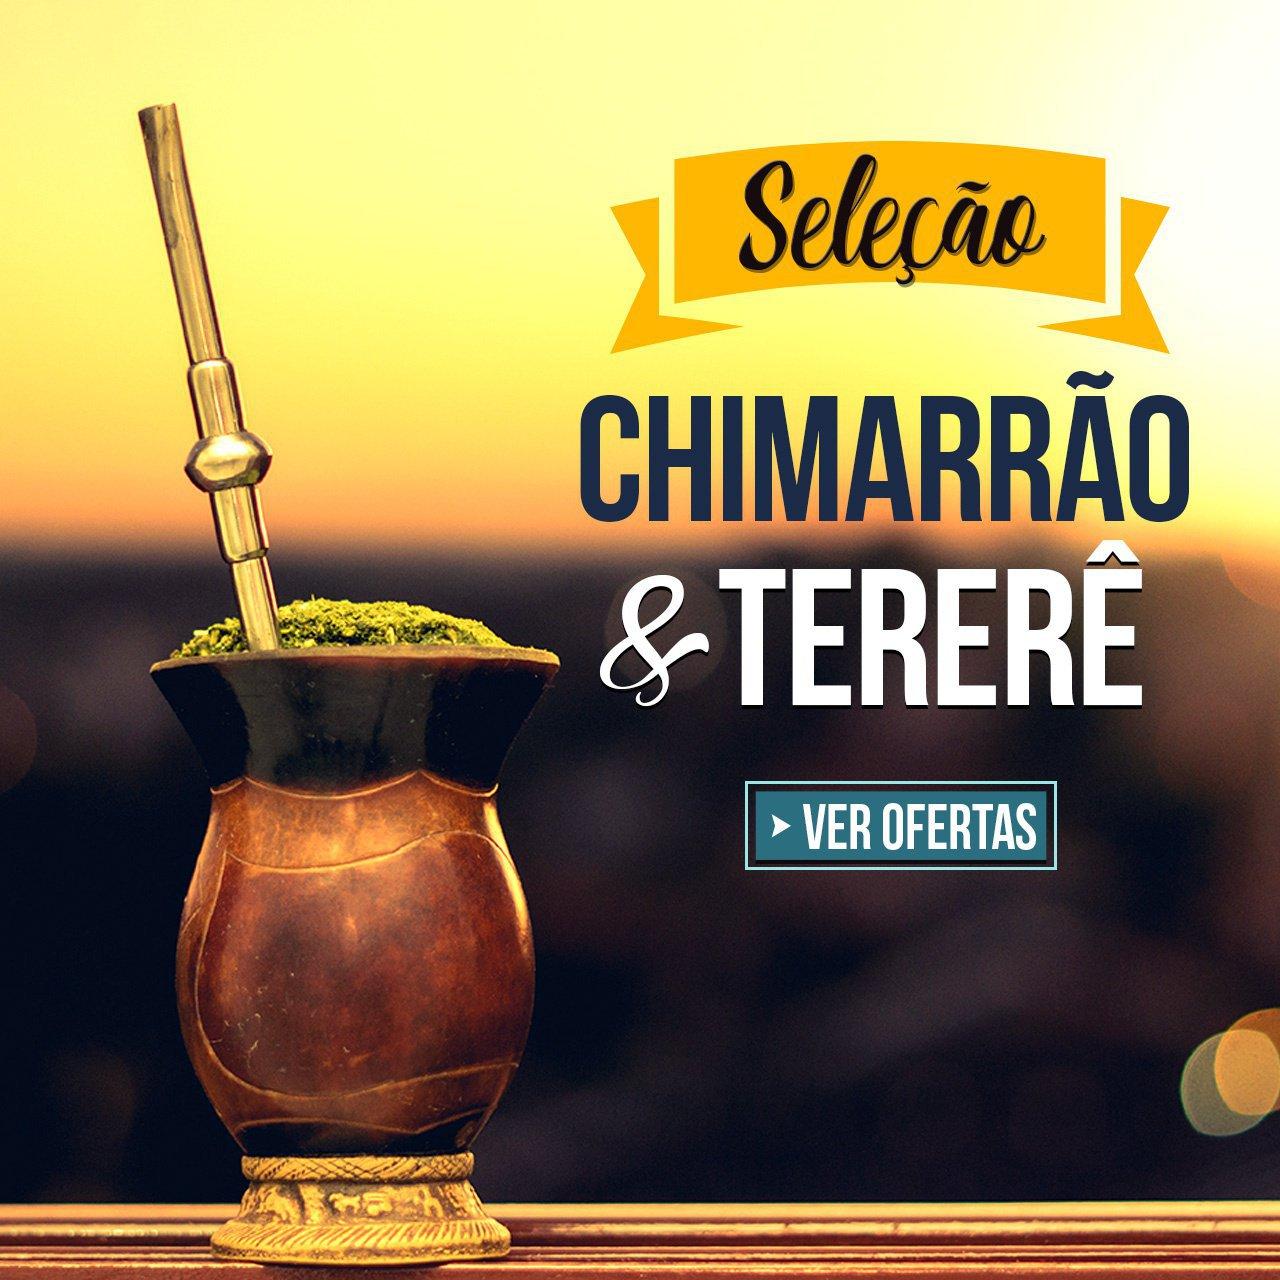 Seleção Chimarrão & Terere